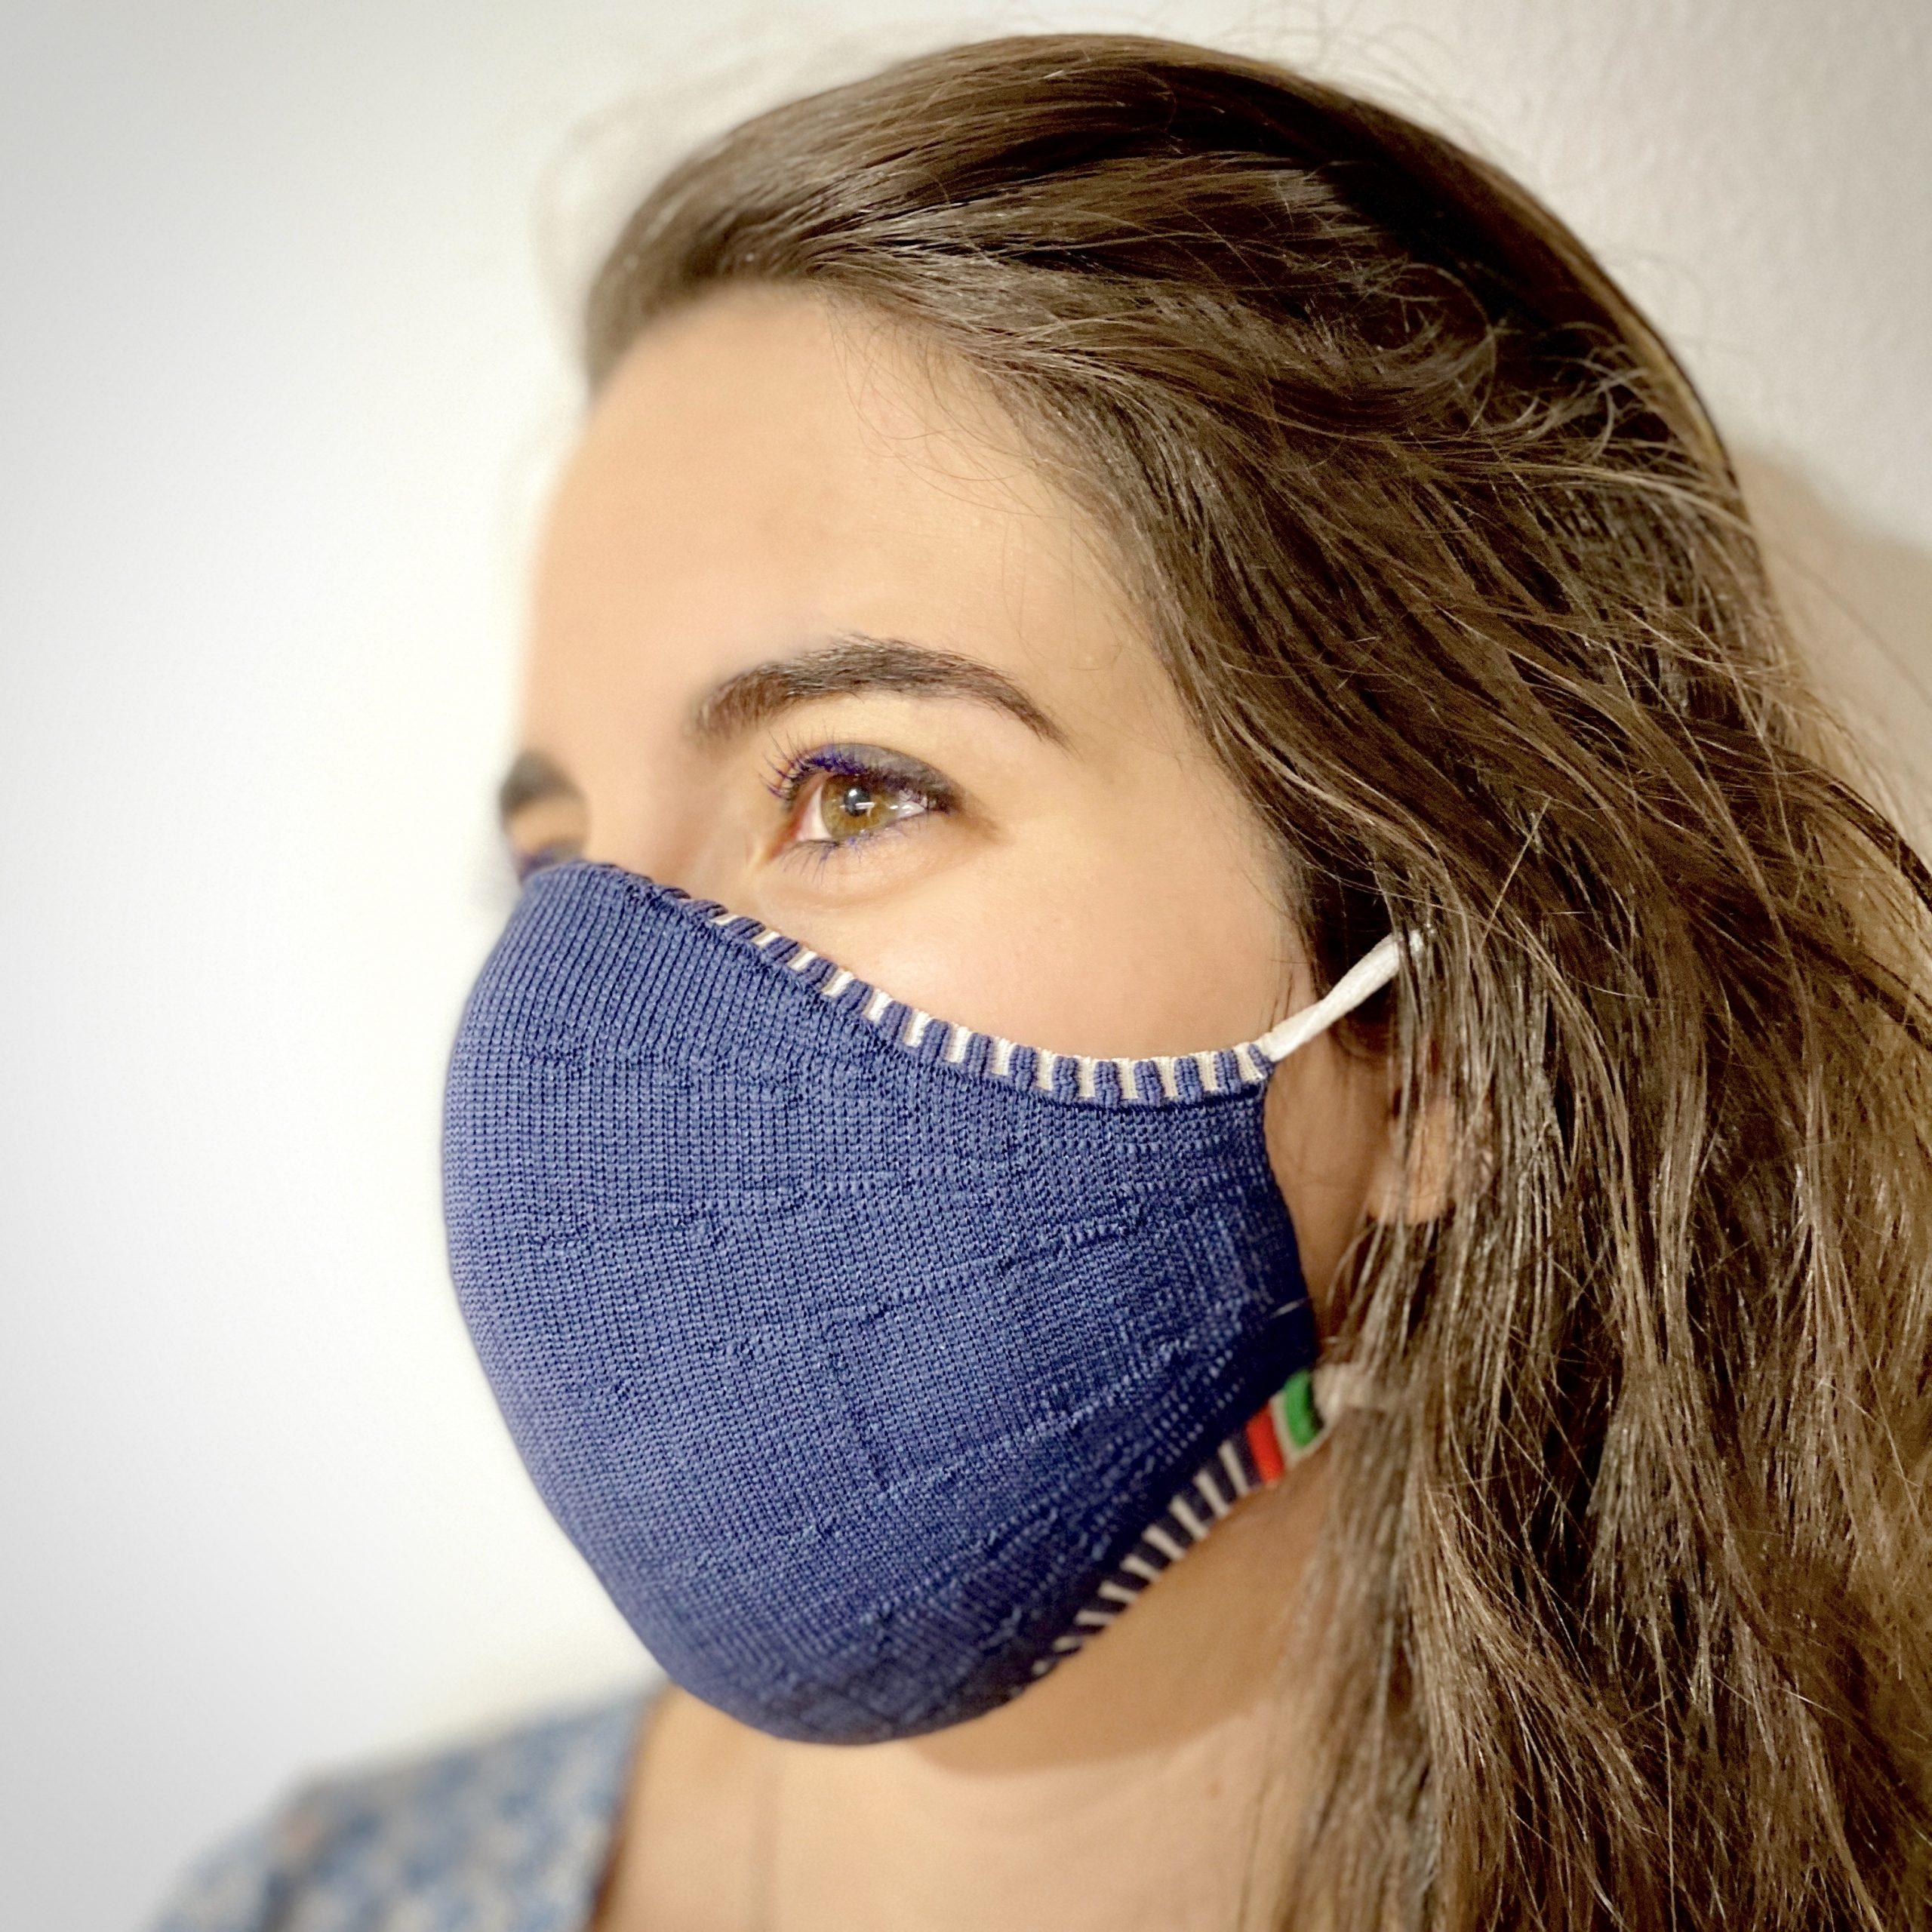 Schutzmasken als modisches Accessoire – antibakteriell, chic und waschbar